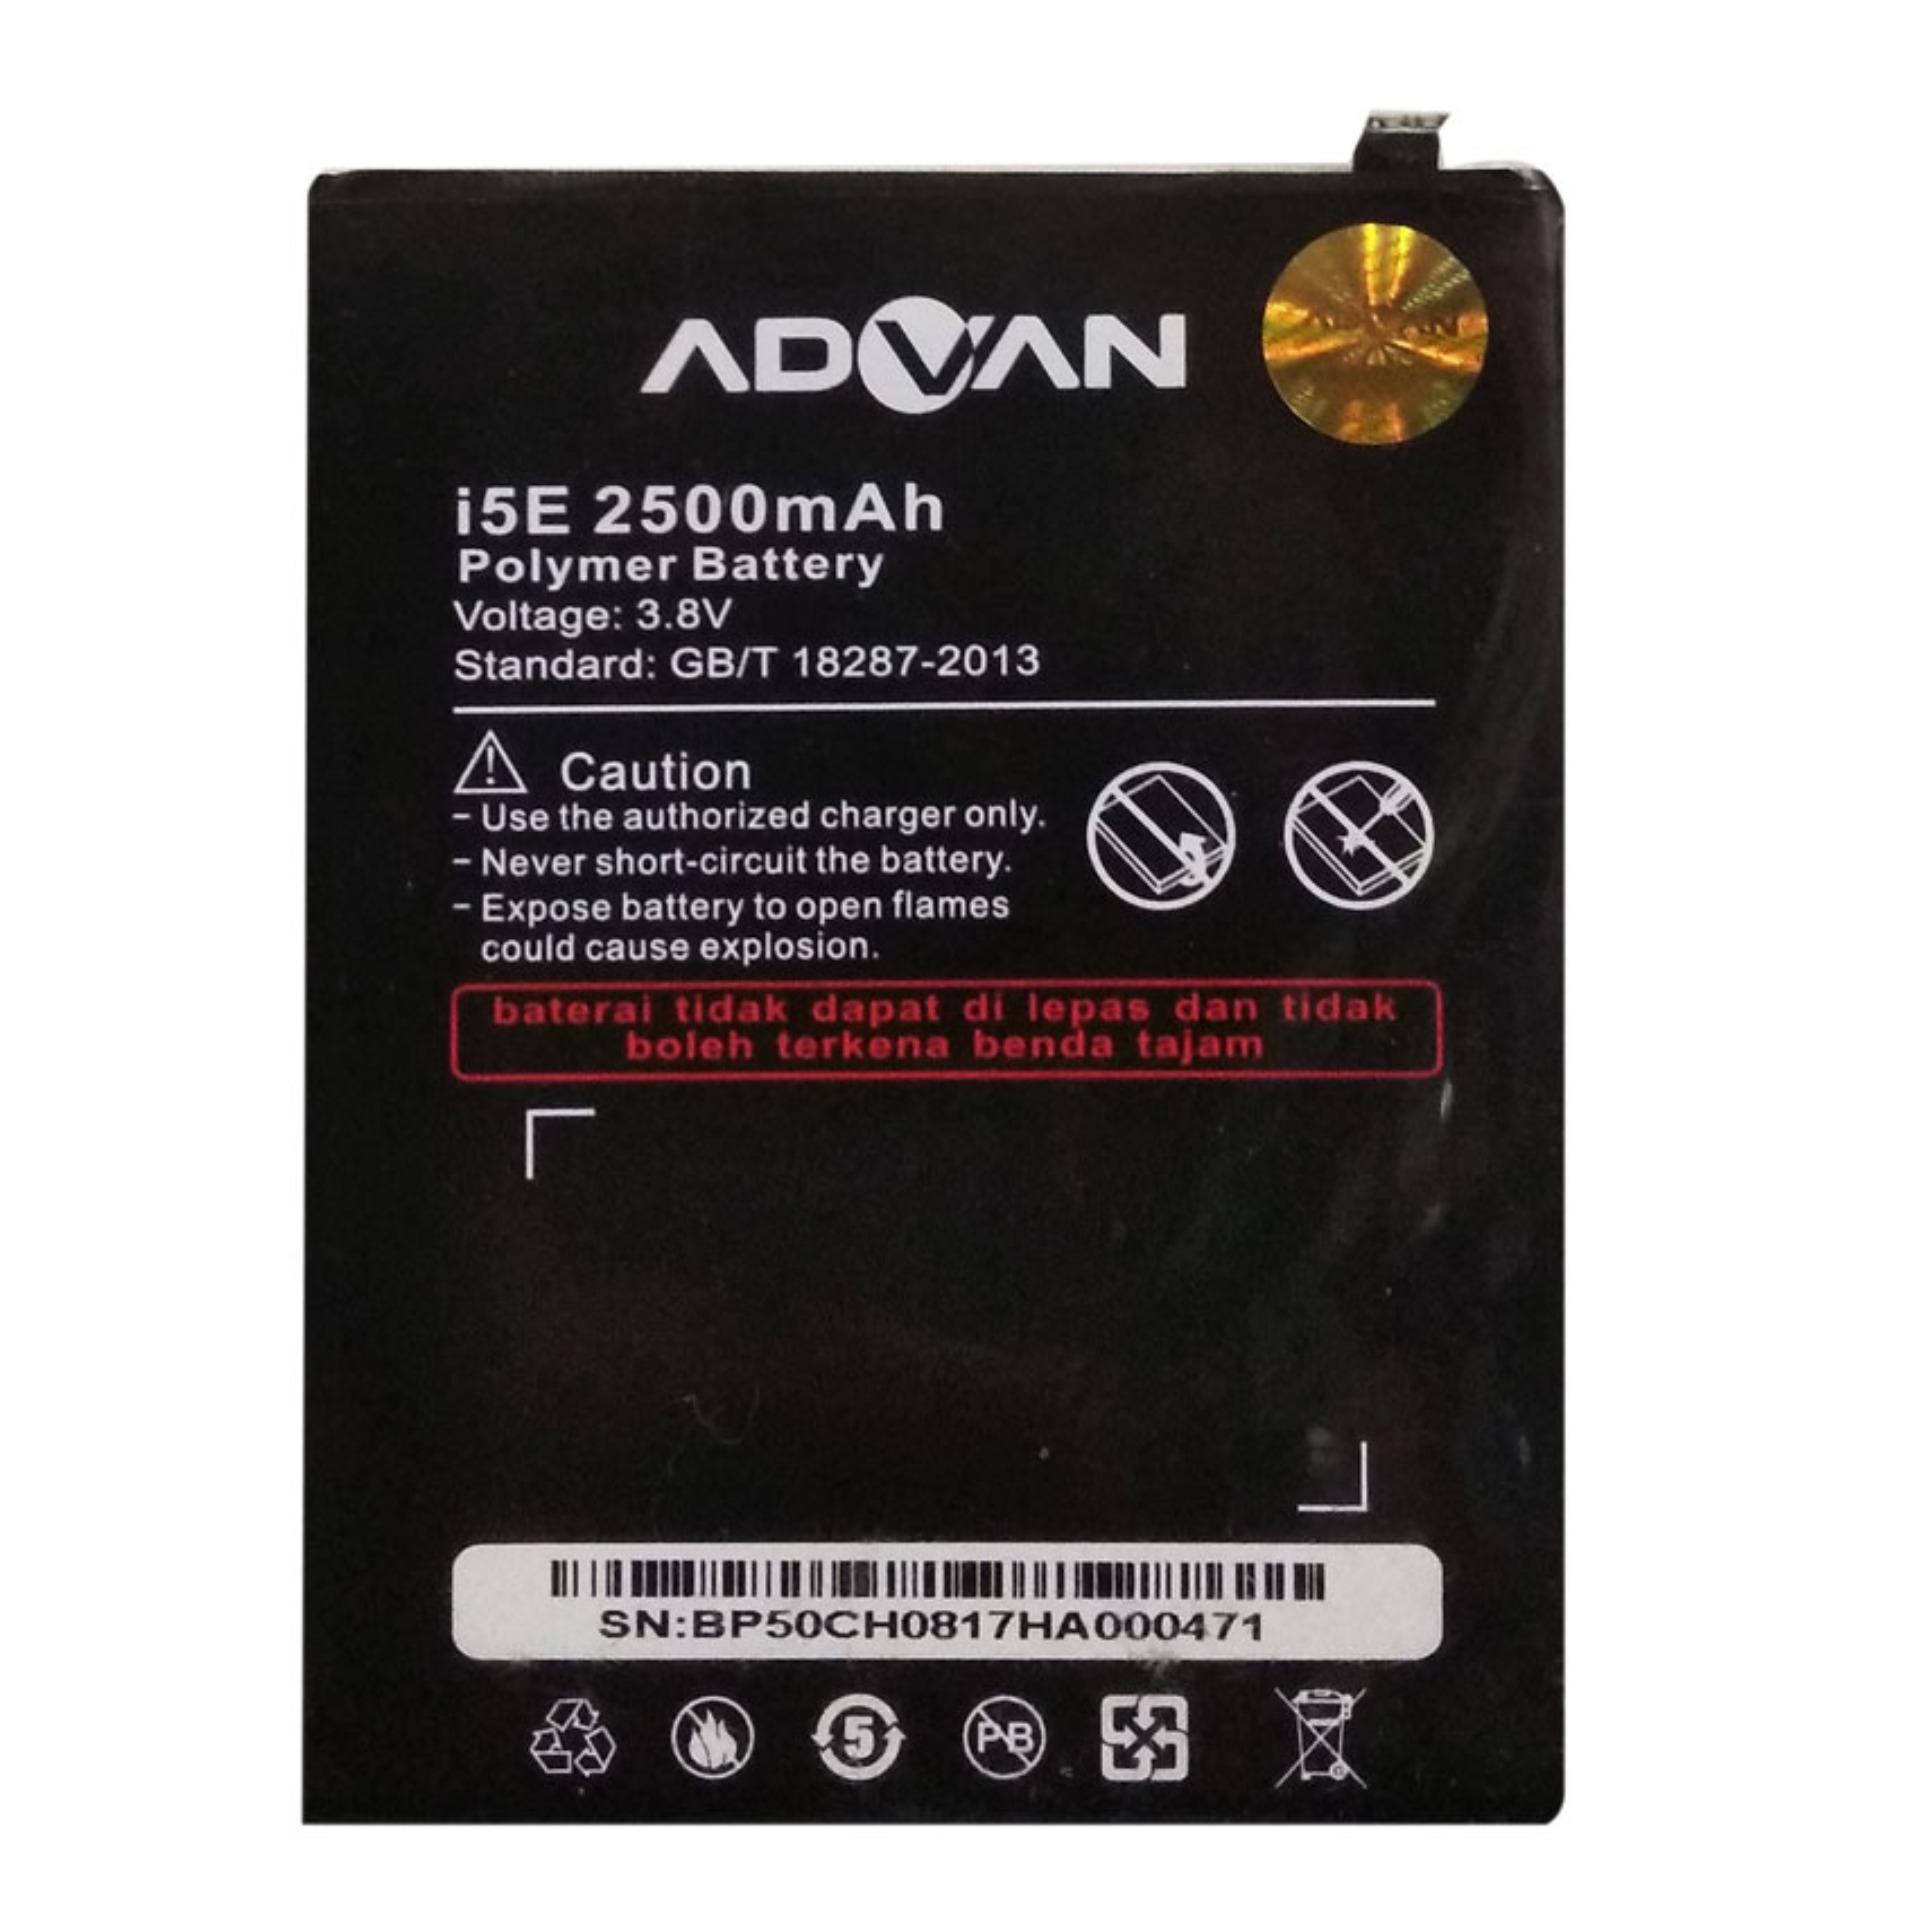 Advan Original Battery - Baterai Original Advan I5E / i5e - 2500 mAh